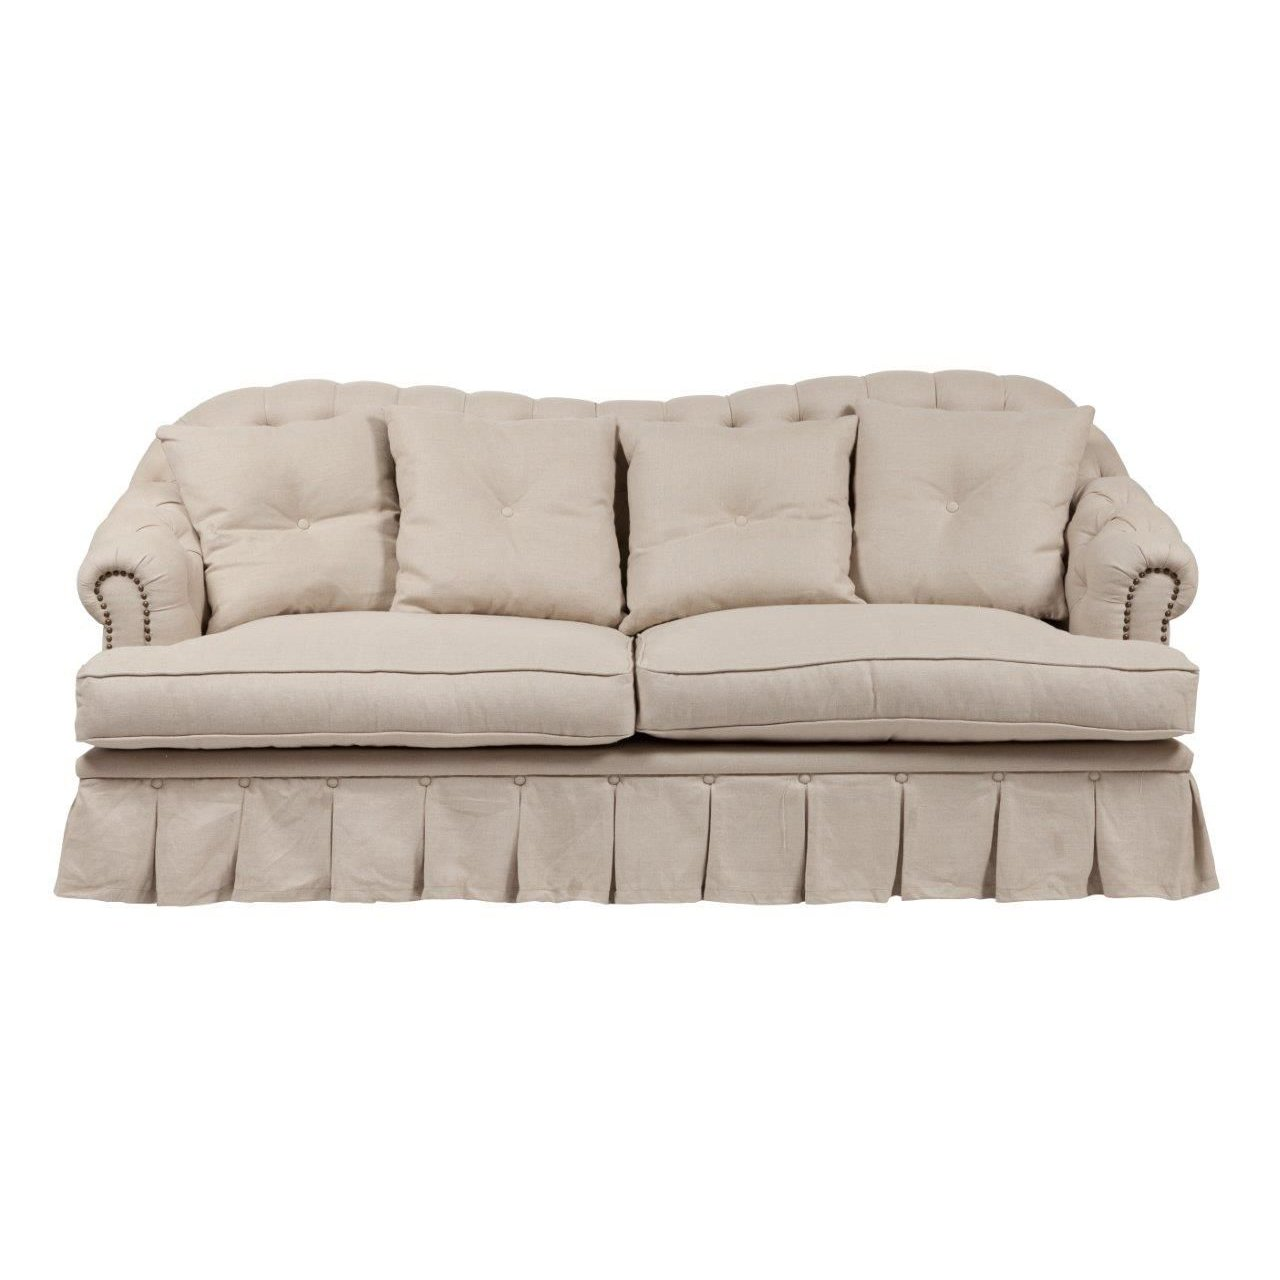 Купить Диван Rodendo в интернет магазине дизайнерской мебели и аксессуаров для дома и дачи